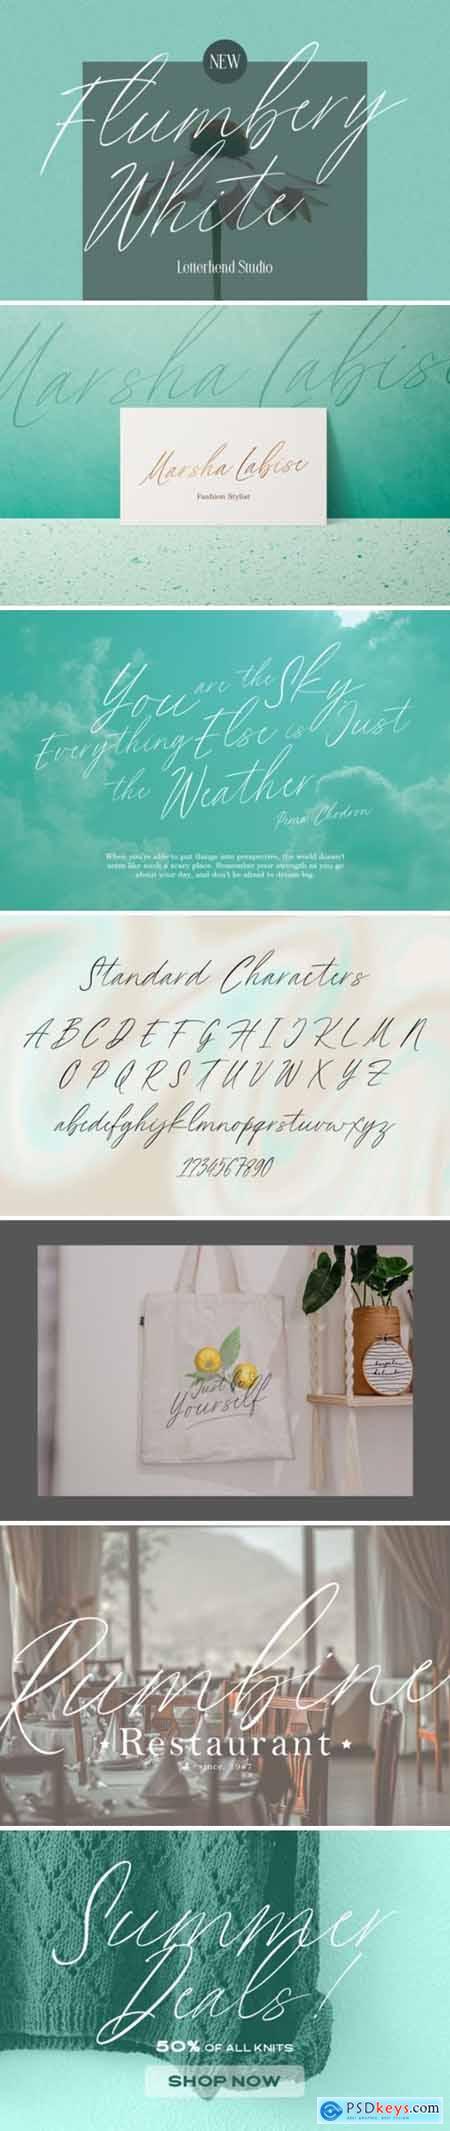 Flumbery White Font